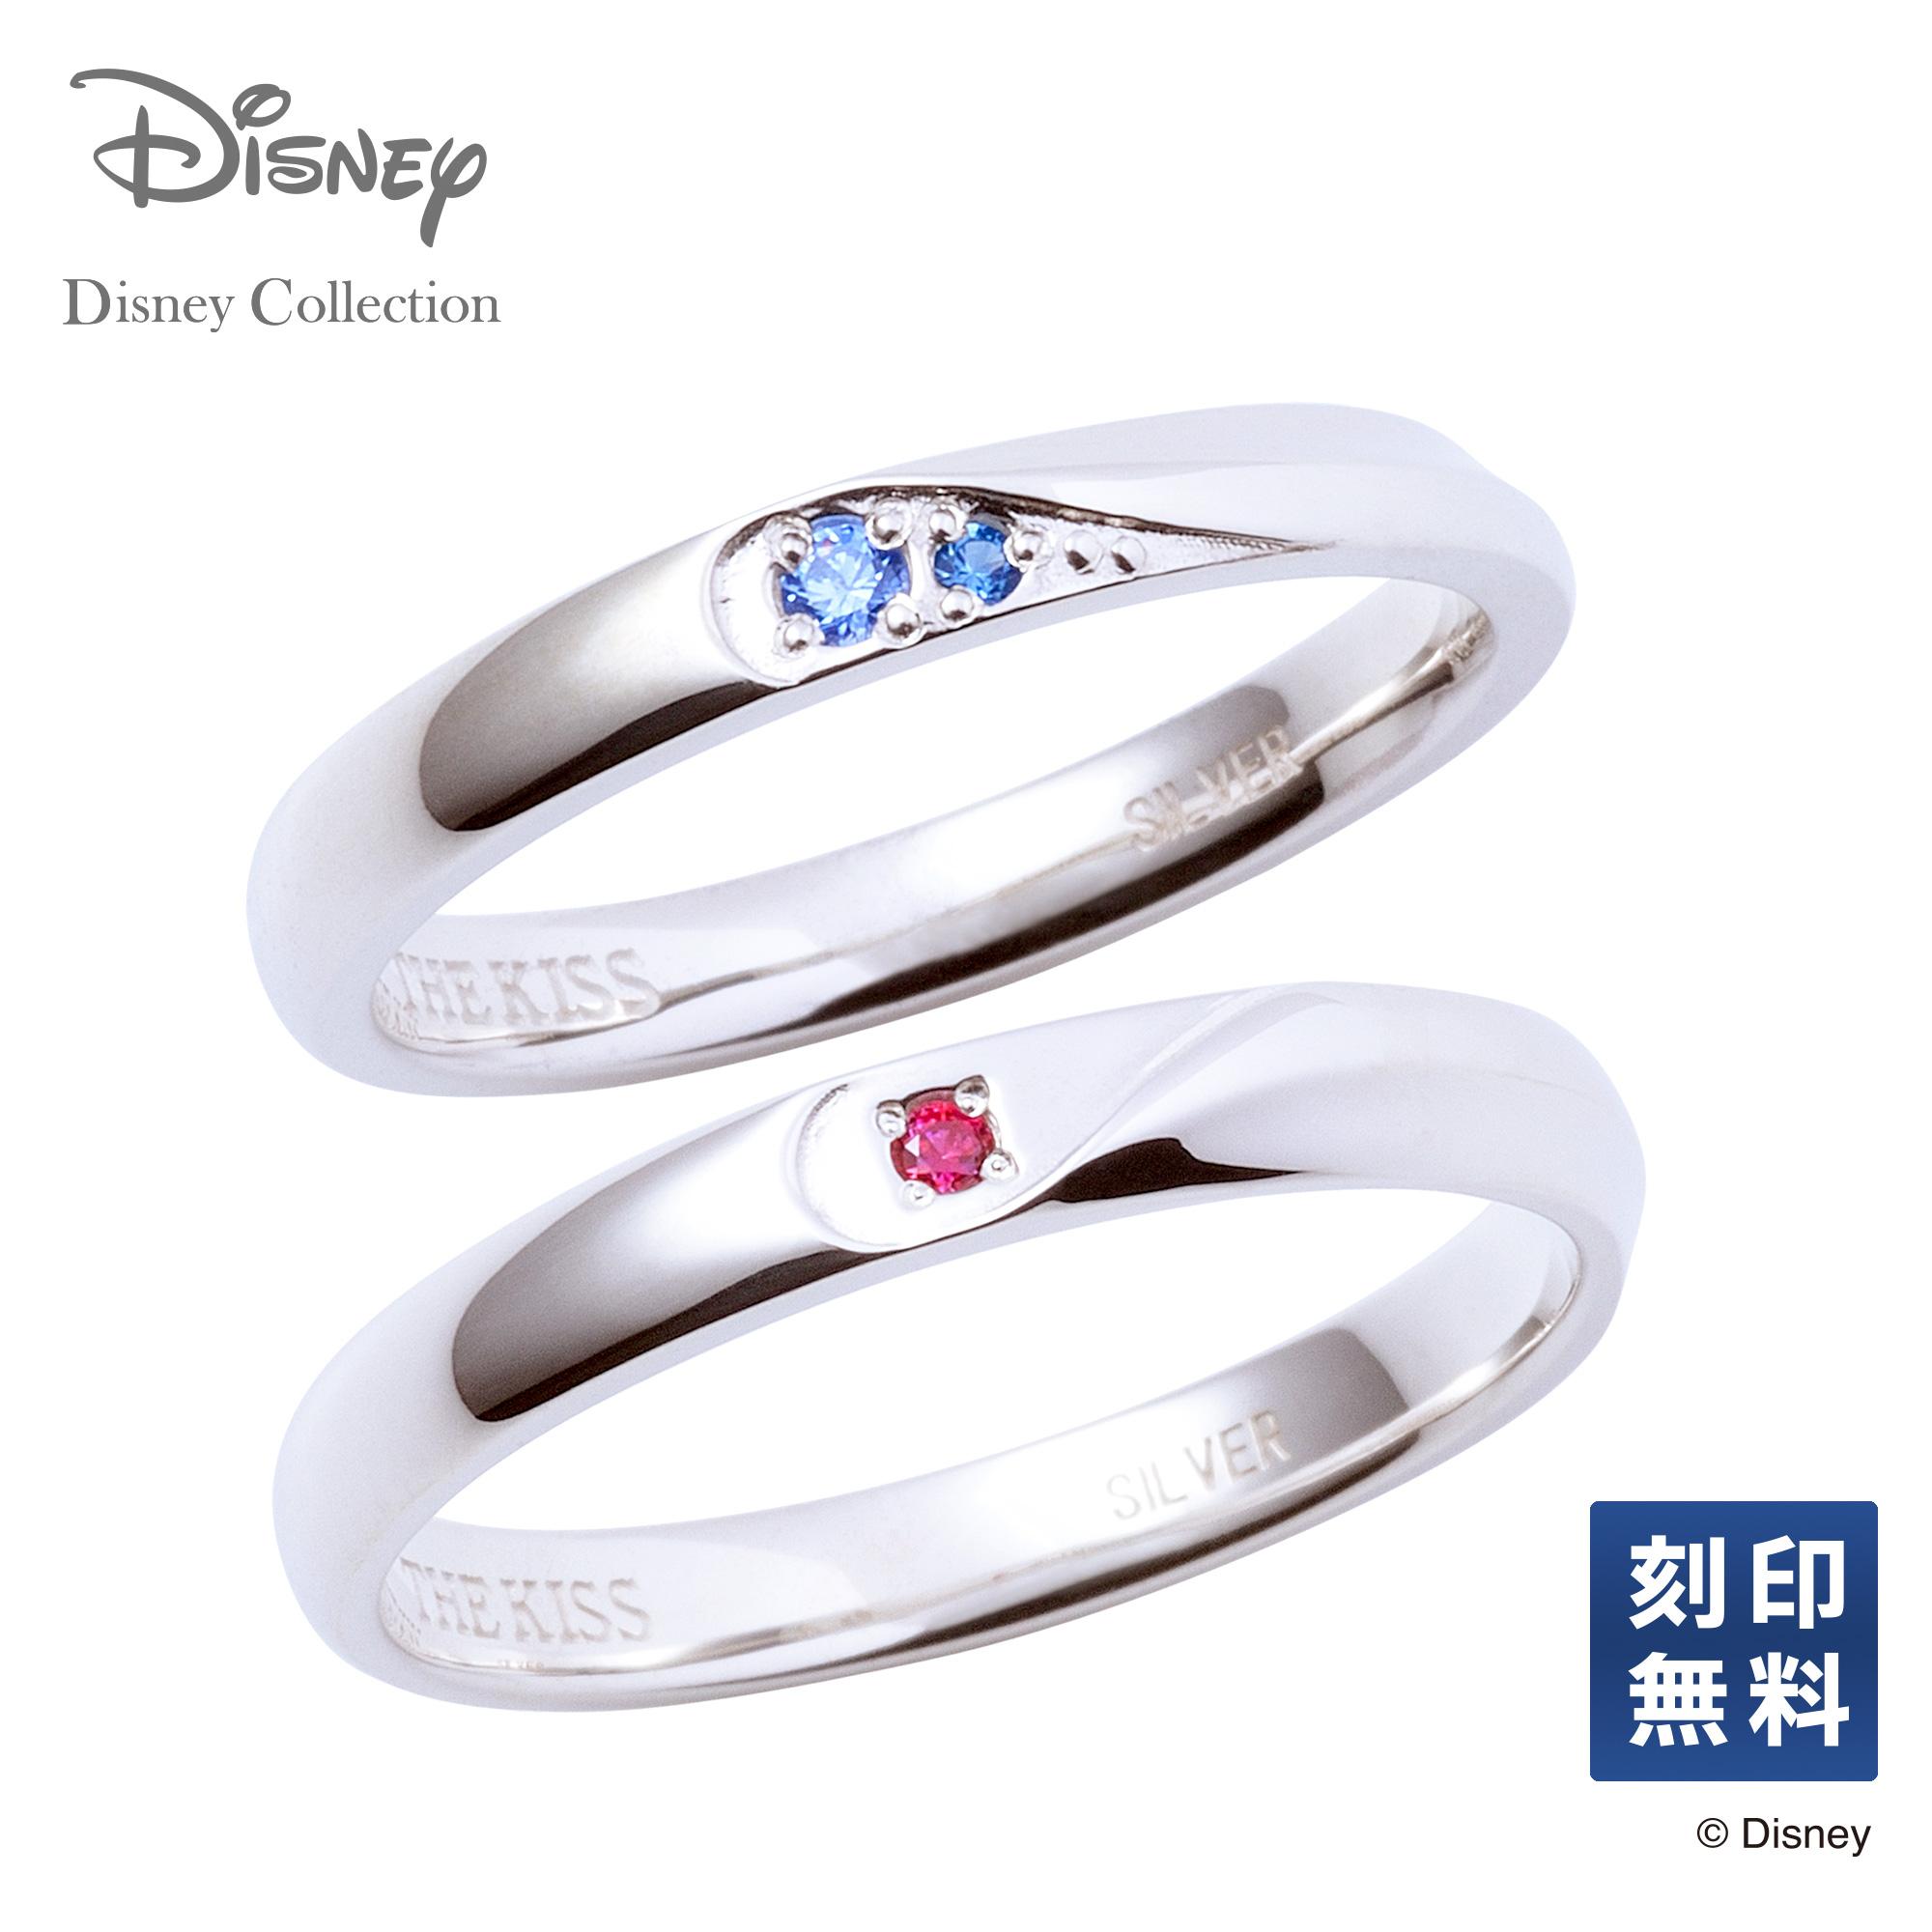 【刻印可_3文字】【あす楽対応】【ディズニーコレクション】 ディズニー / ペアリング / ディズニープリンセス シンデレラ / THE KISS リング・指輪 シルバー DI-SR1500DM-1501DM セット シンプル 男性 女性 2個ペア ザキス 【送料無料】